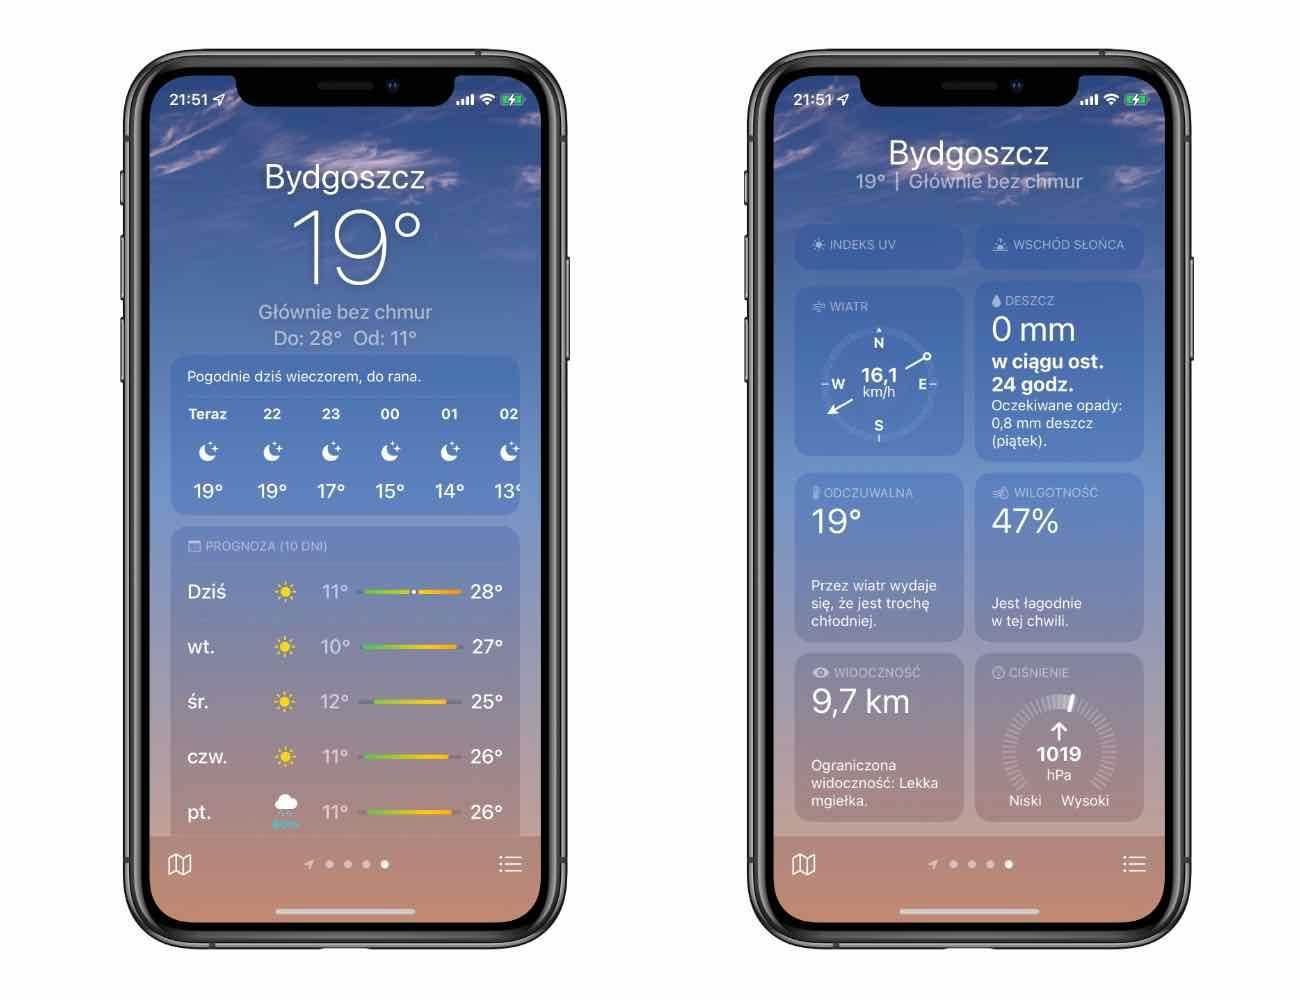 iOS 15 - polskie screeny polecane, ciekawostki zrzuty ekranu, screeny, polskie screeny z iOS 15, jak wygląda iOS 15, iOS 15 screeny, iOS 14 screeny, iOS, Apple  Pierwsza beta iOS 15 jest już w naszych rękach, więc przygotowaliśmy dla Was polskie screeny z najnowszej wersji iOS. iOS15beta1 1